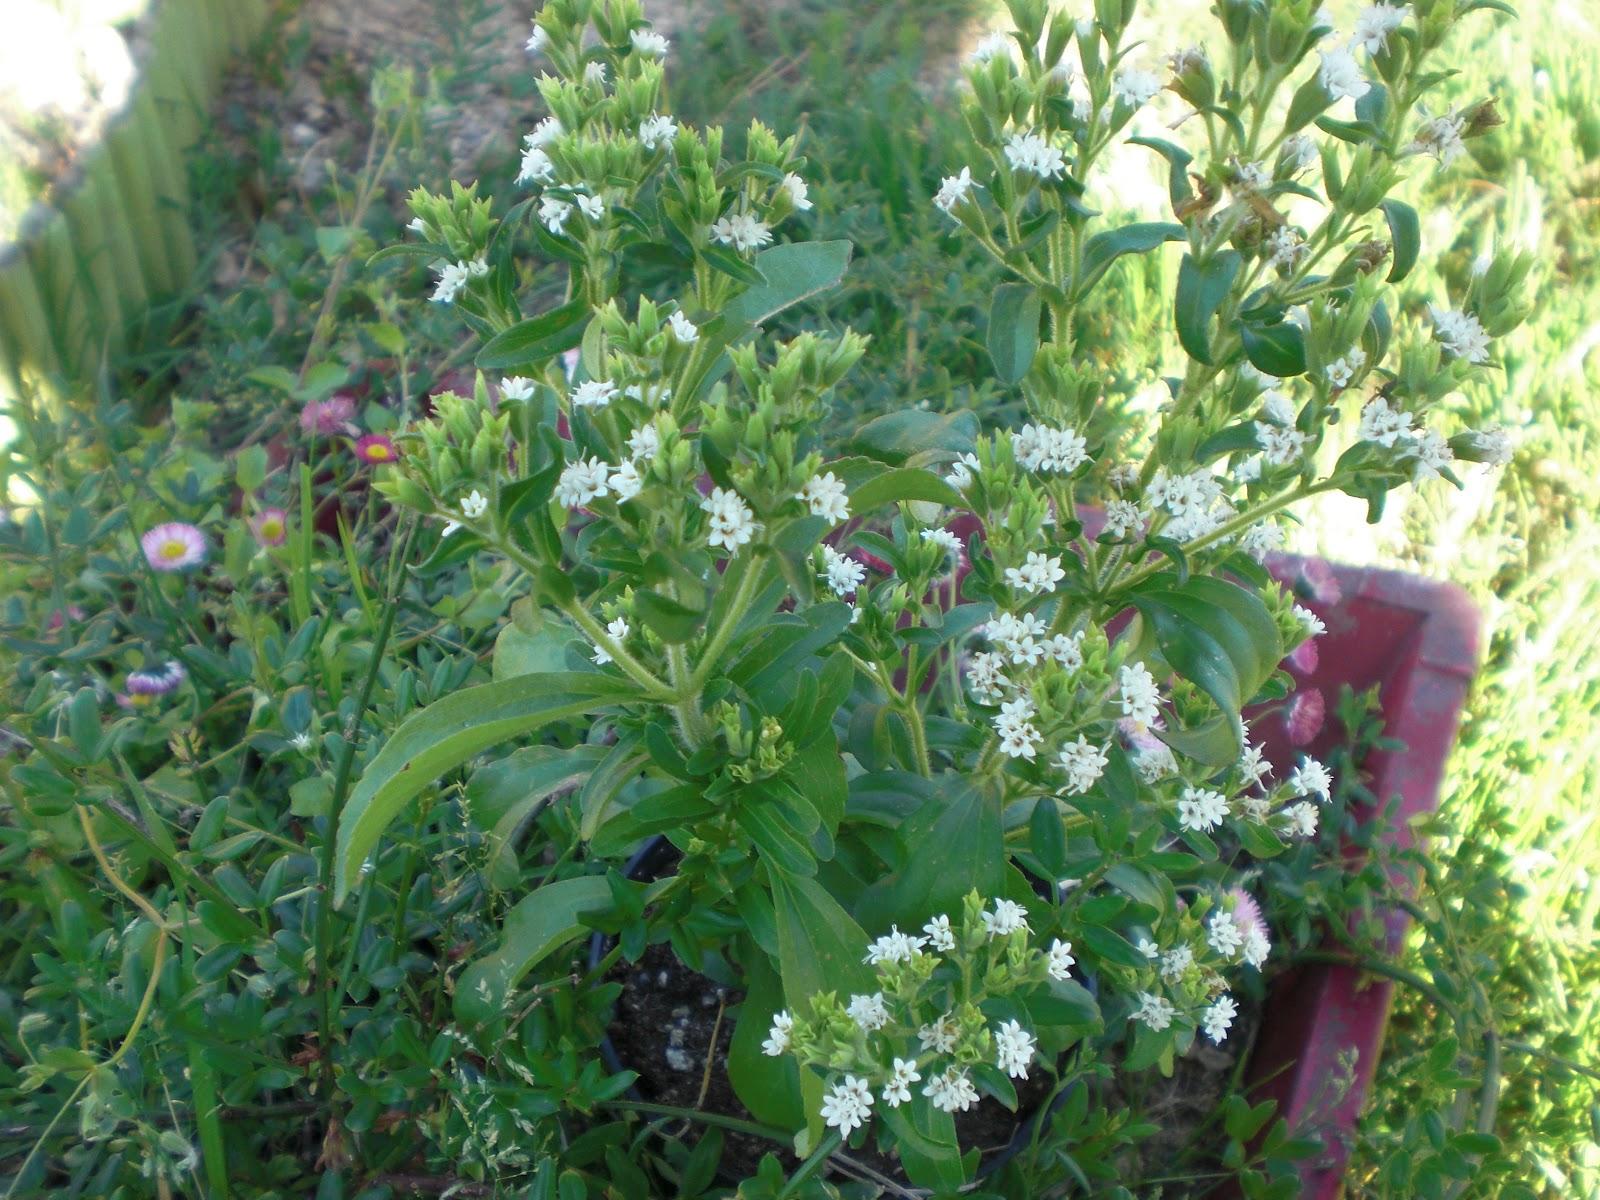 Il sentiero nel bosco la stevia una pianta rivoluzionaria for Stevia pianta